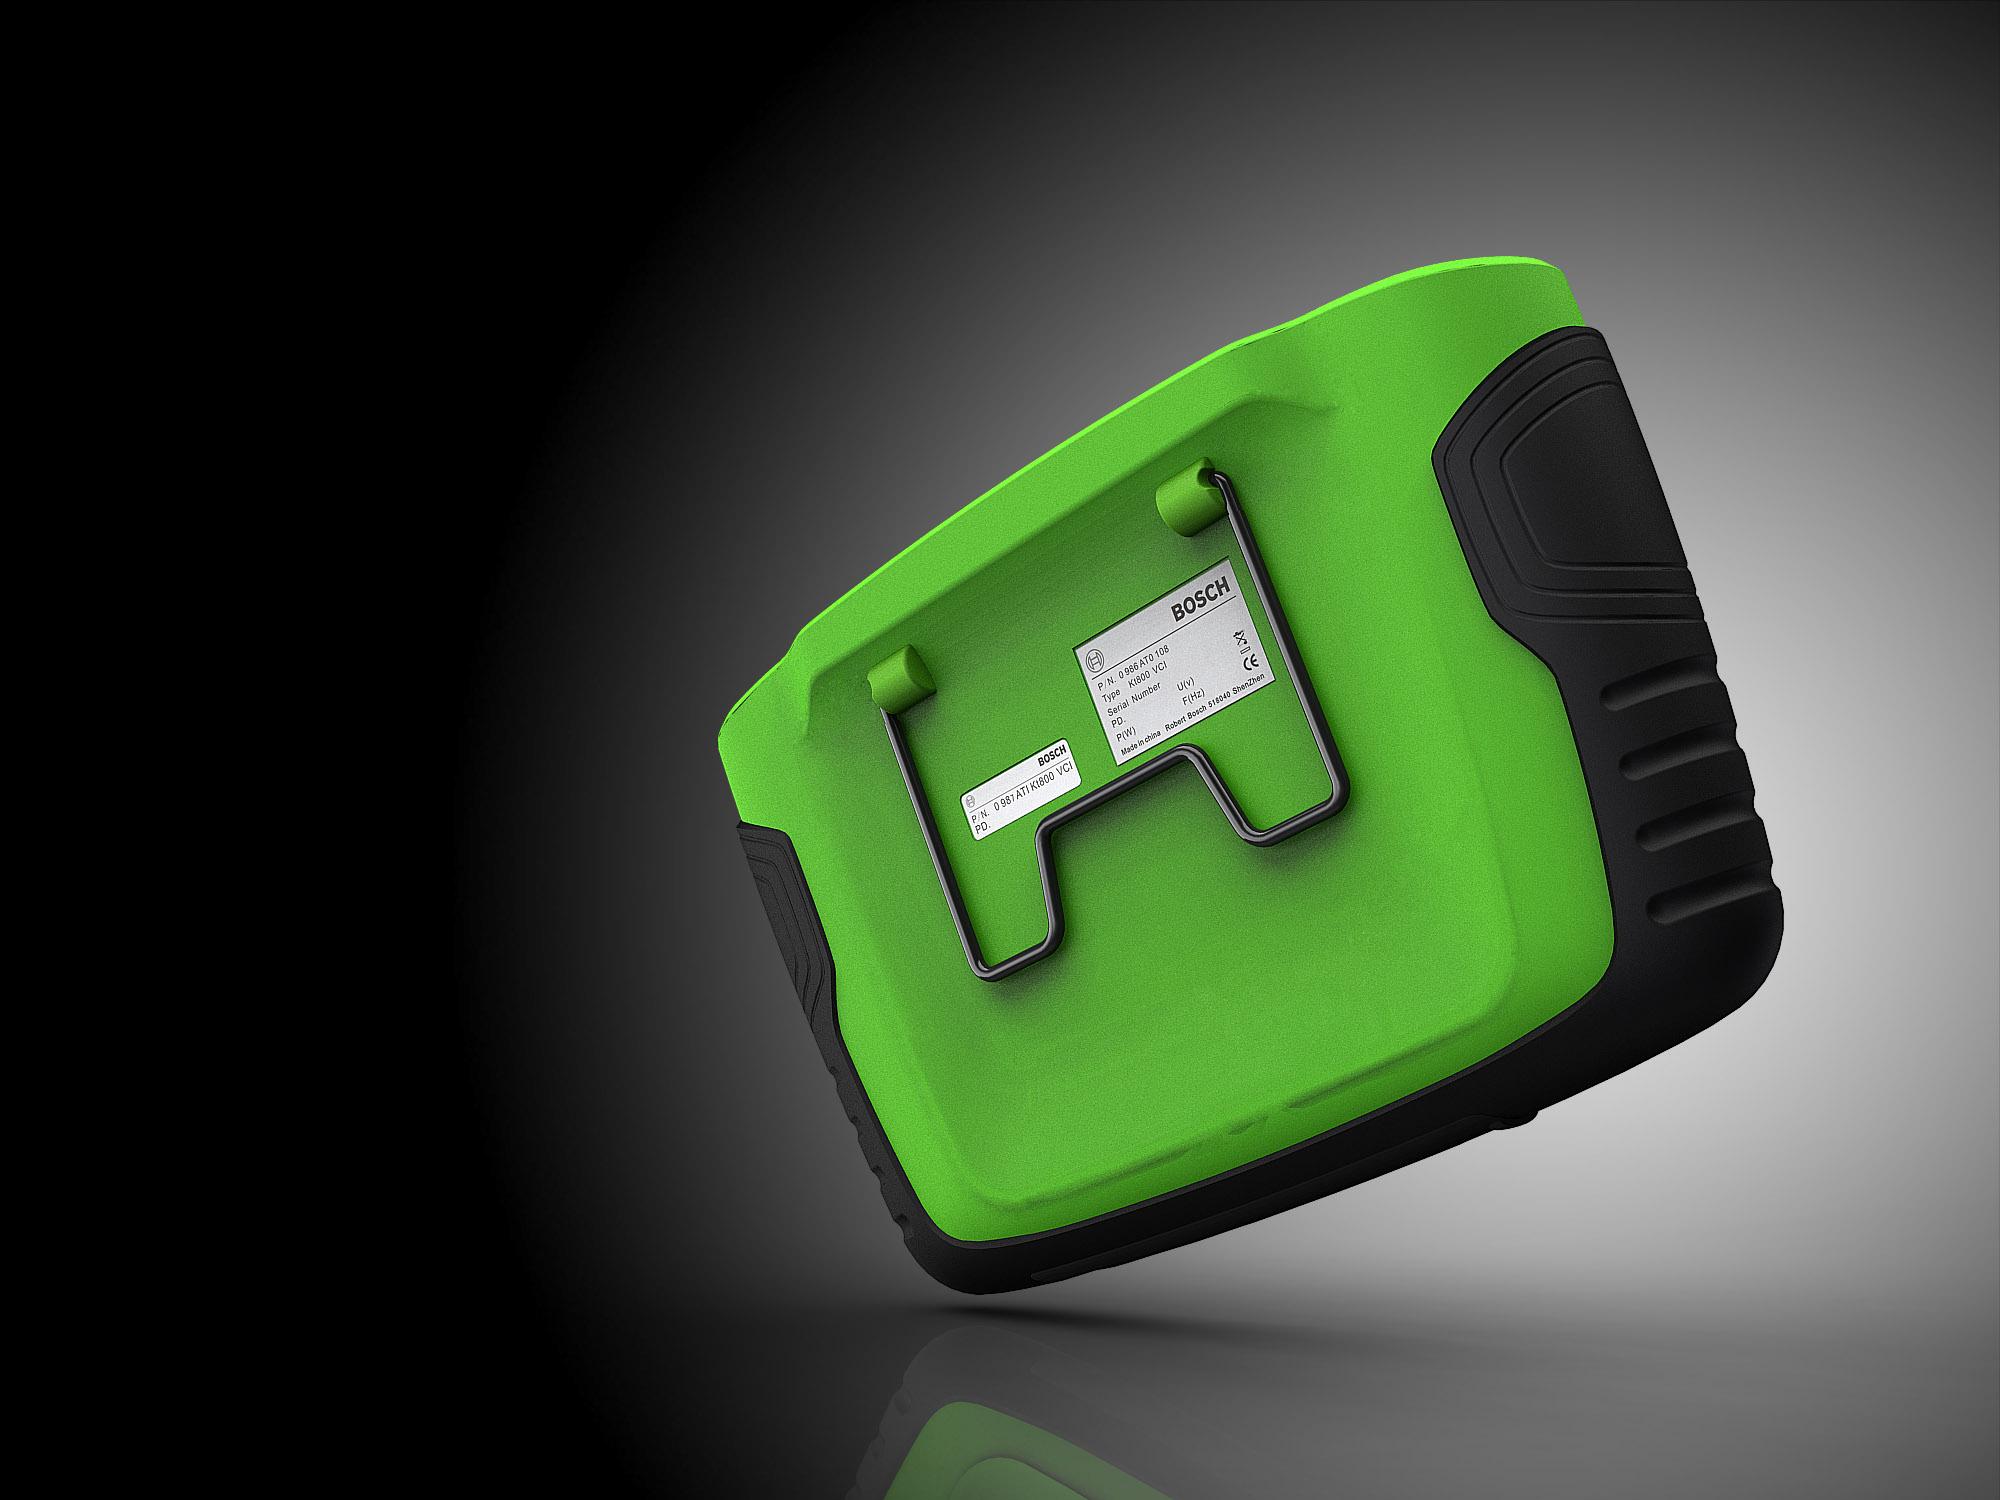 车载解码器2_产品设计-来设计